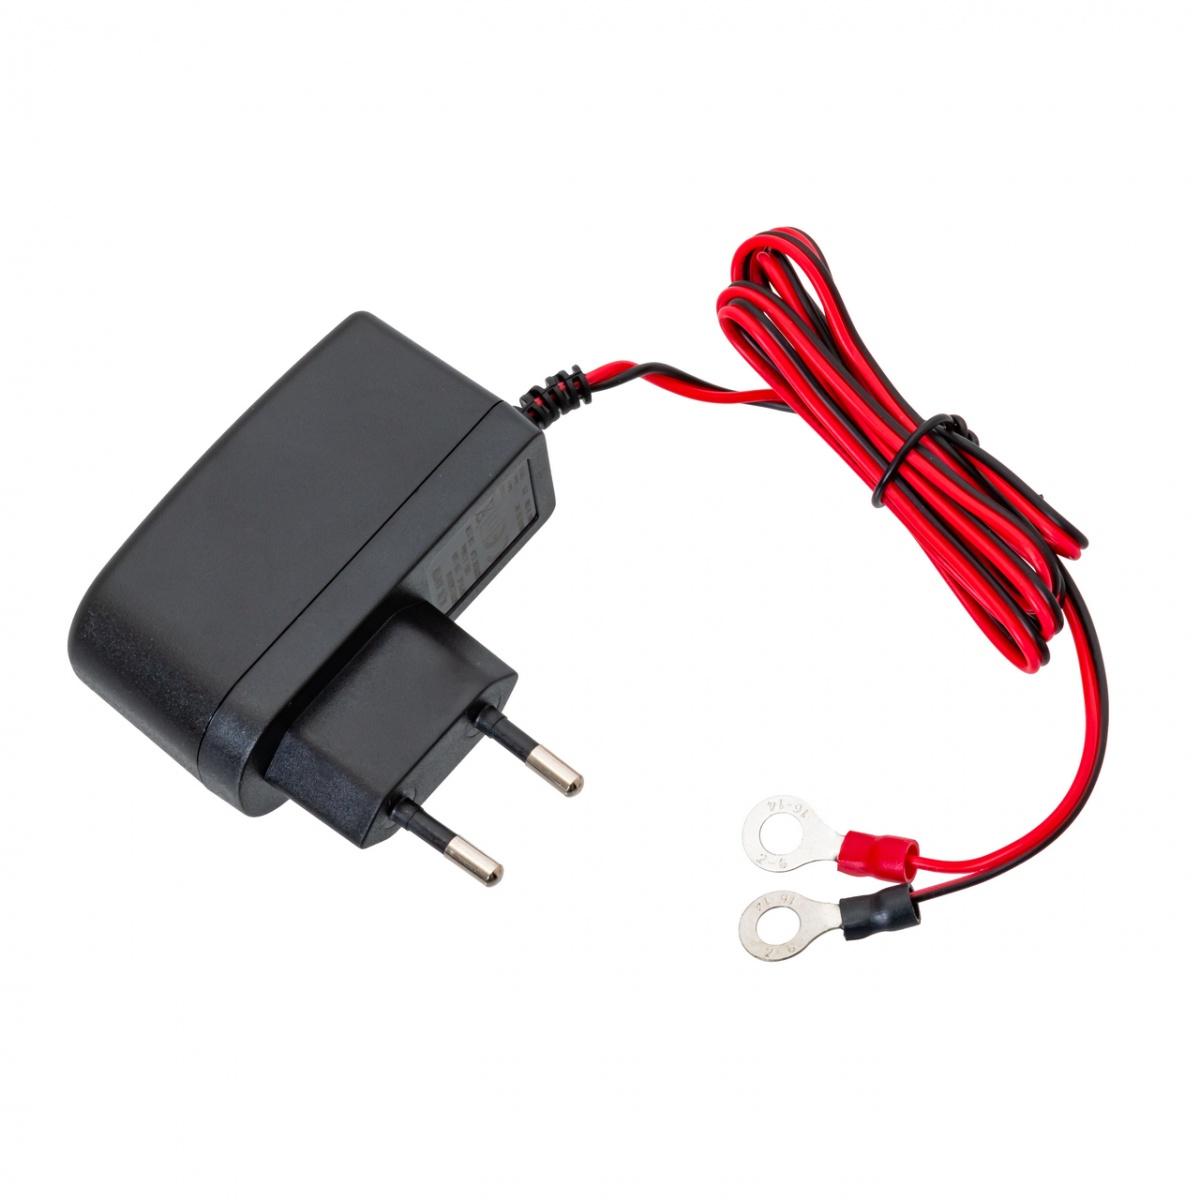 DL3200 villanypásztor készülék, 12V, 3,2Joule, hálózati adapterrel